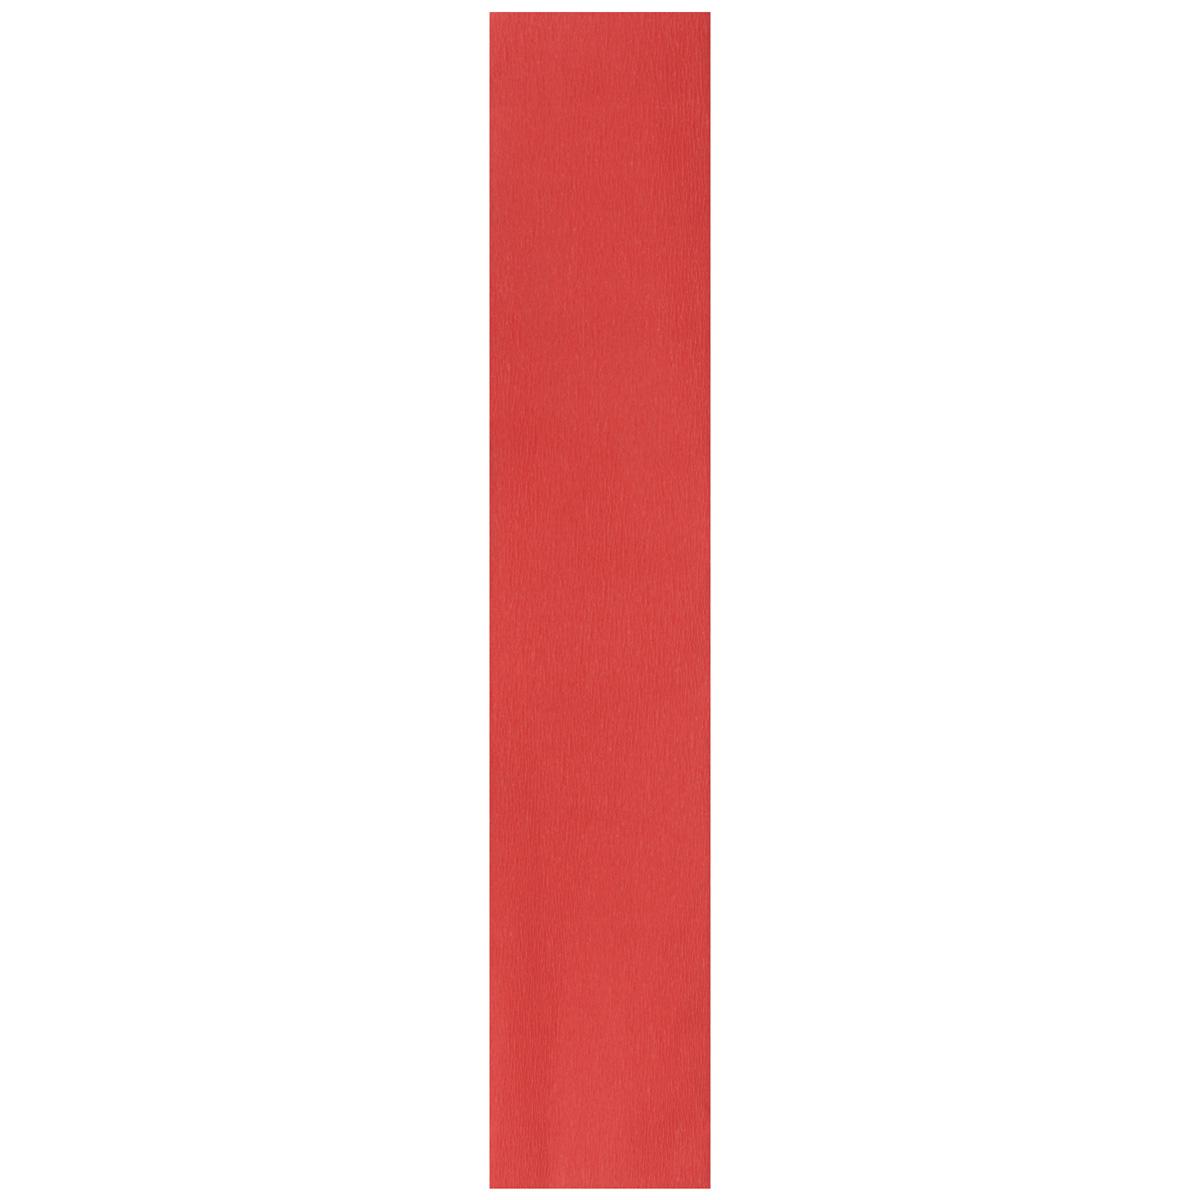 Бумага креповая Folia, цвет: красный (34), 50 см x 2,5 м7704392_34Бумага креповая Folia - прекрасный материал для декорирования, украшения интерьера, изготовления искусственных цветов, эффектной упаковки и различных поделок. Бумага прекрасно держит форму, отлично крепится и замечательно подходит для изготовления праздничной упаковки для цветов.